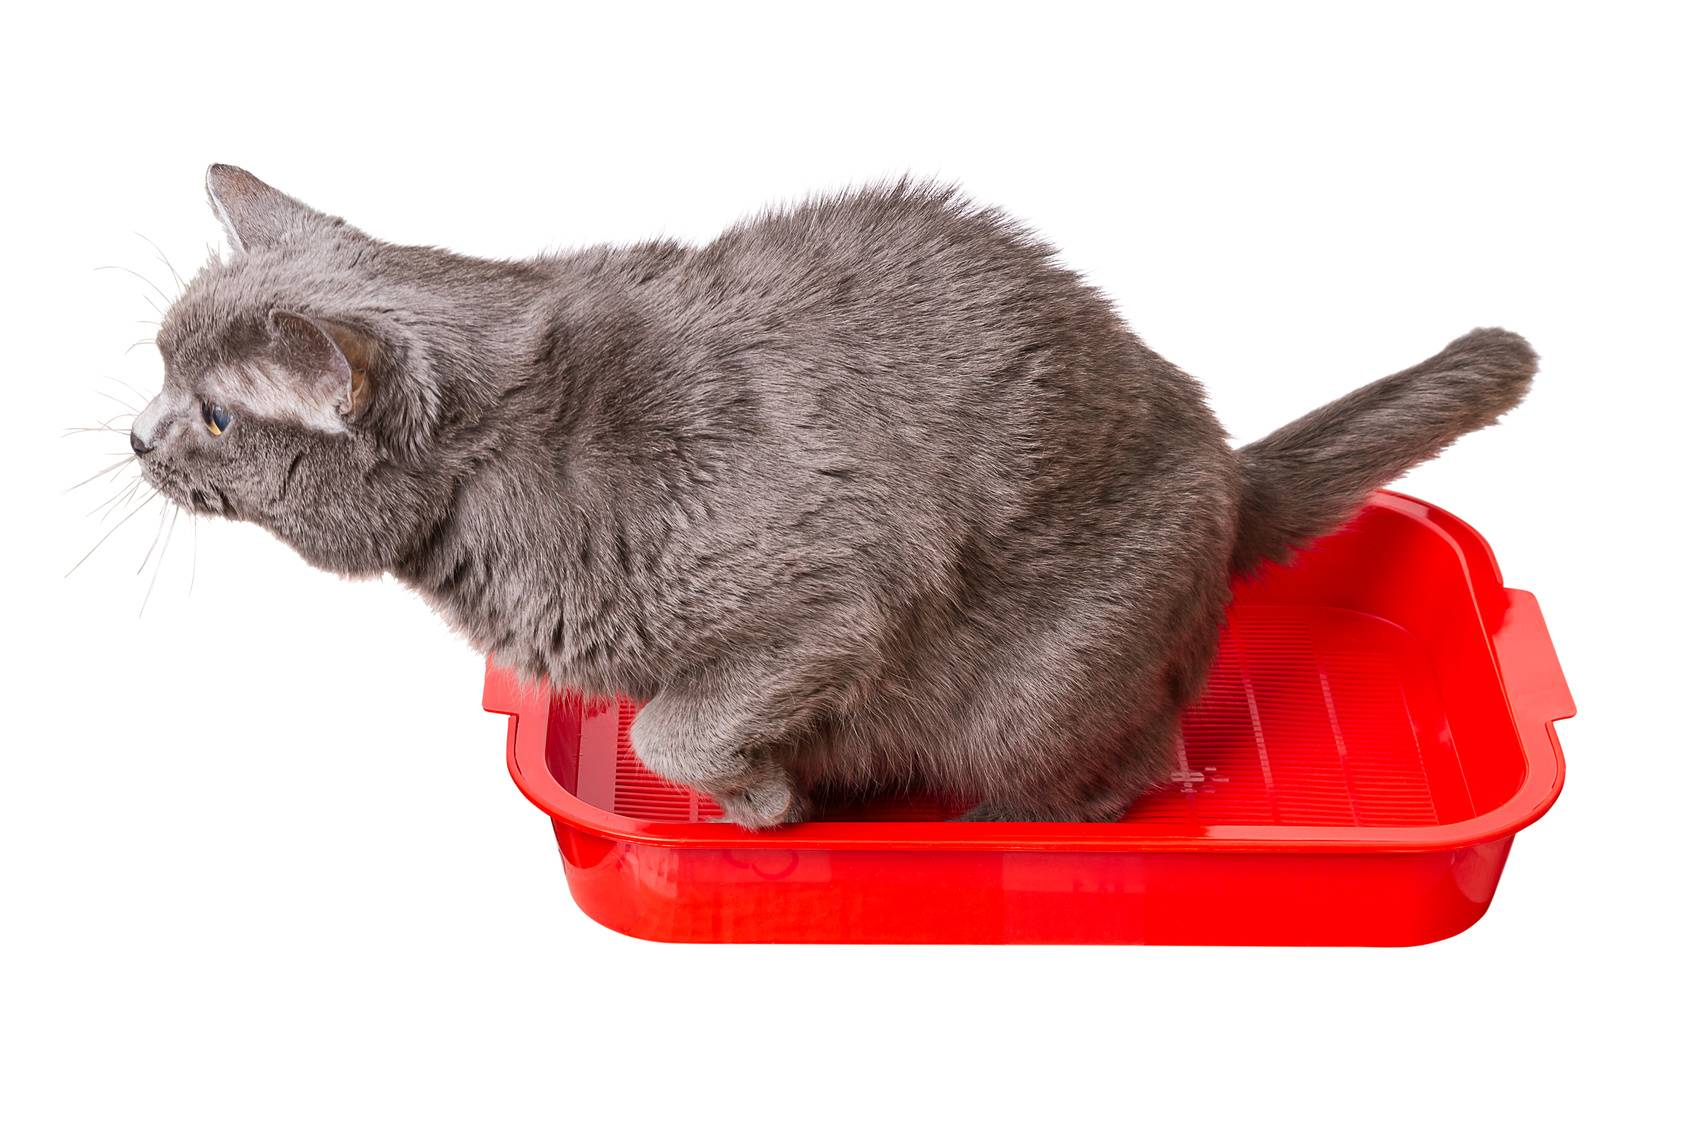 Кот писает кровью: почему это происходит и как лечить